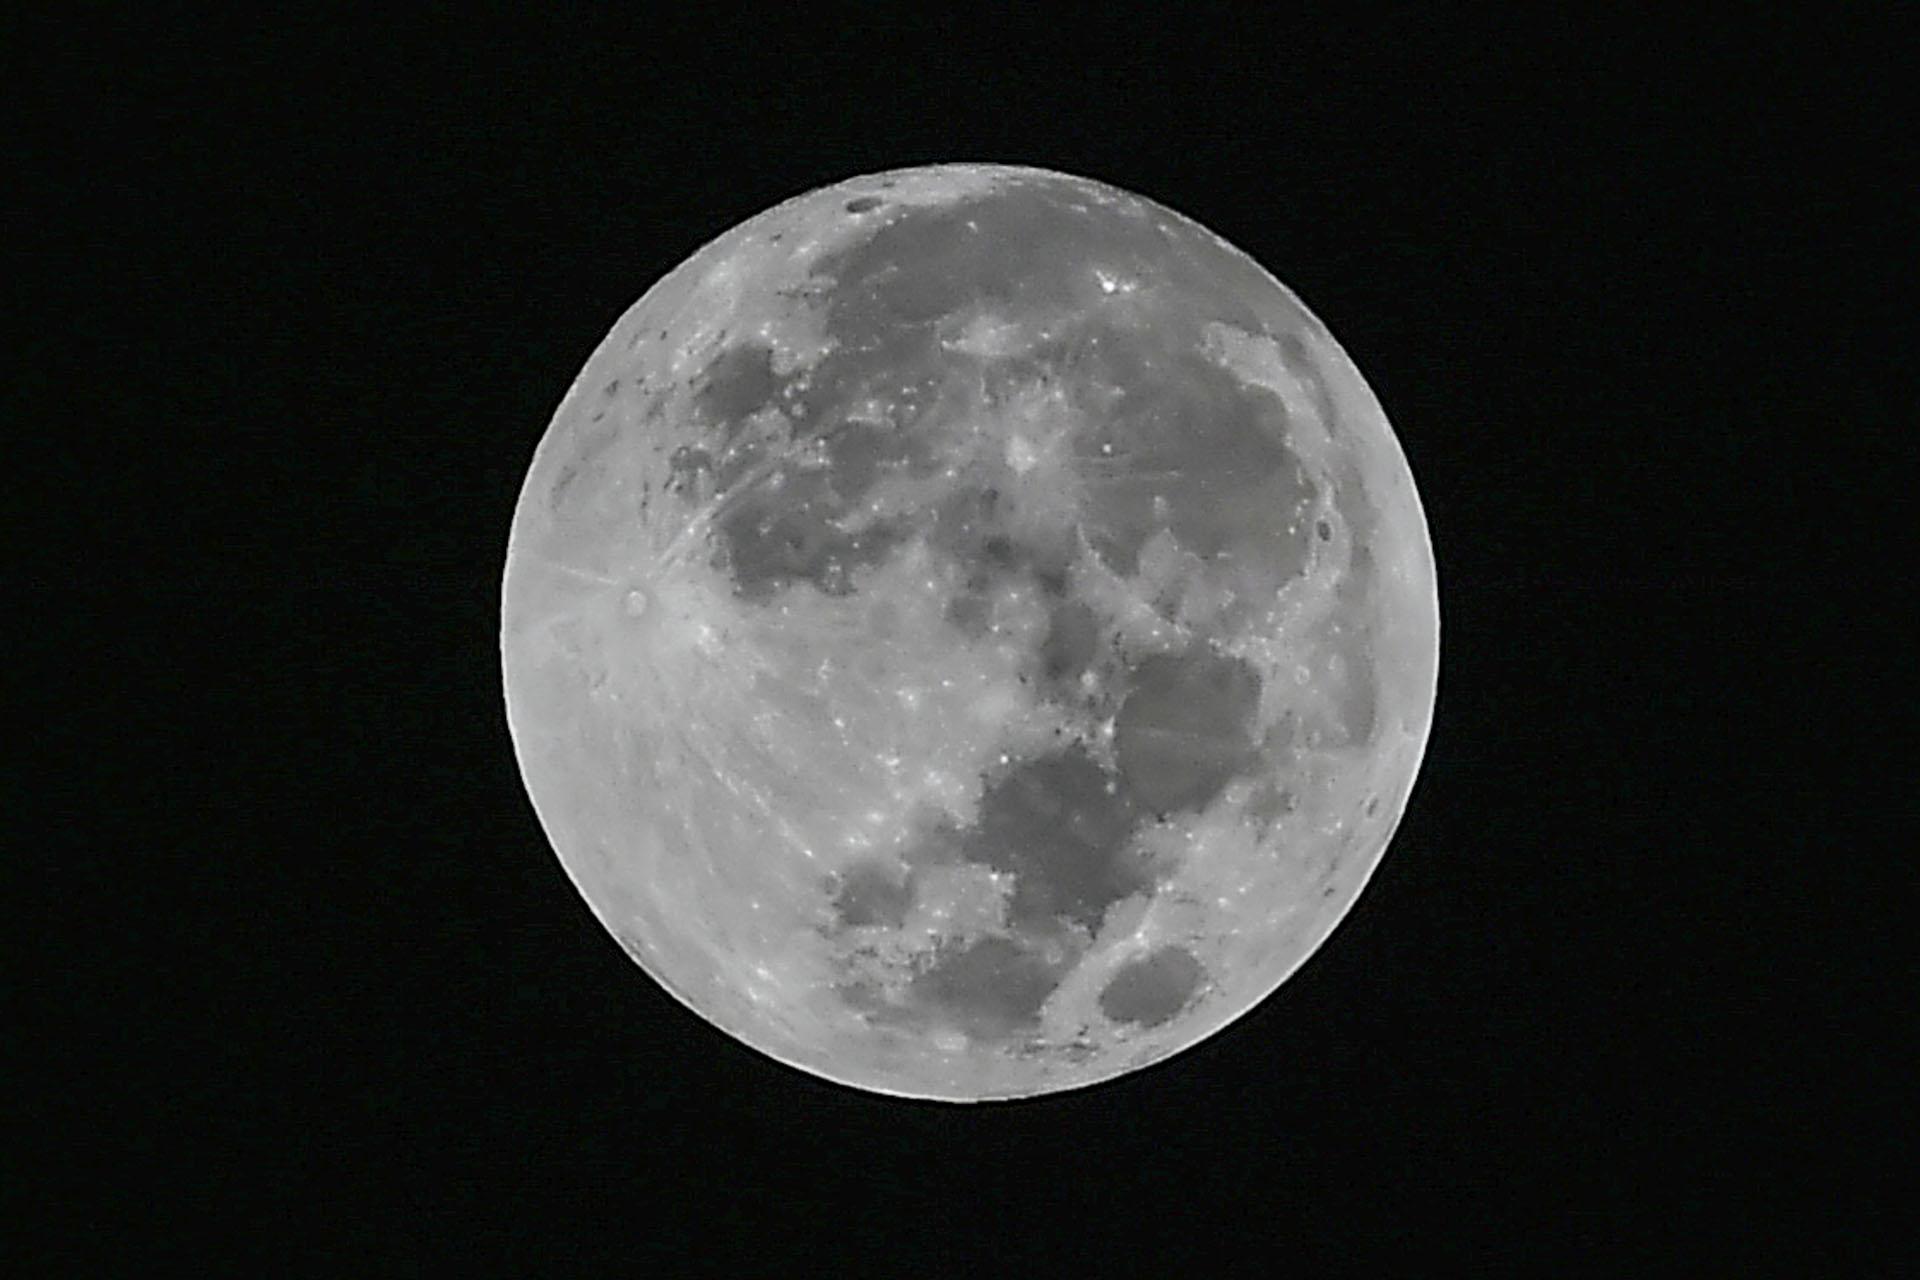 El fenómeno se podrá observar antes del amanecer en Buenos Aires